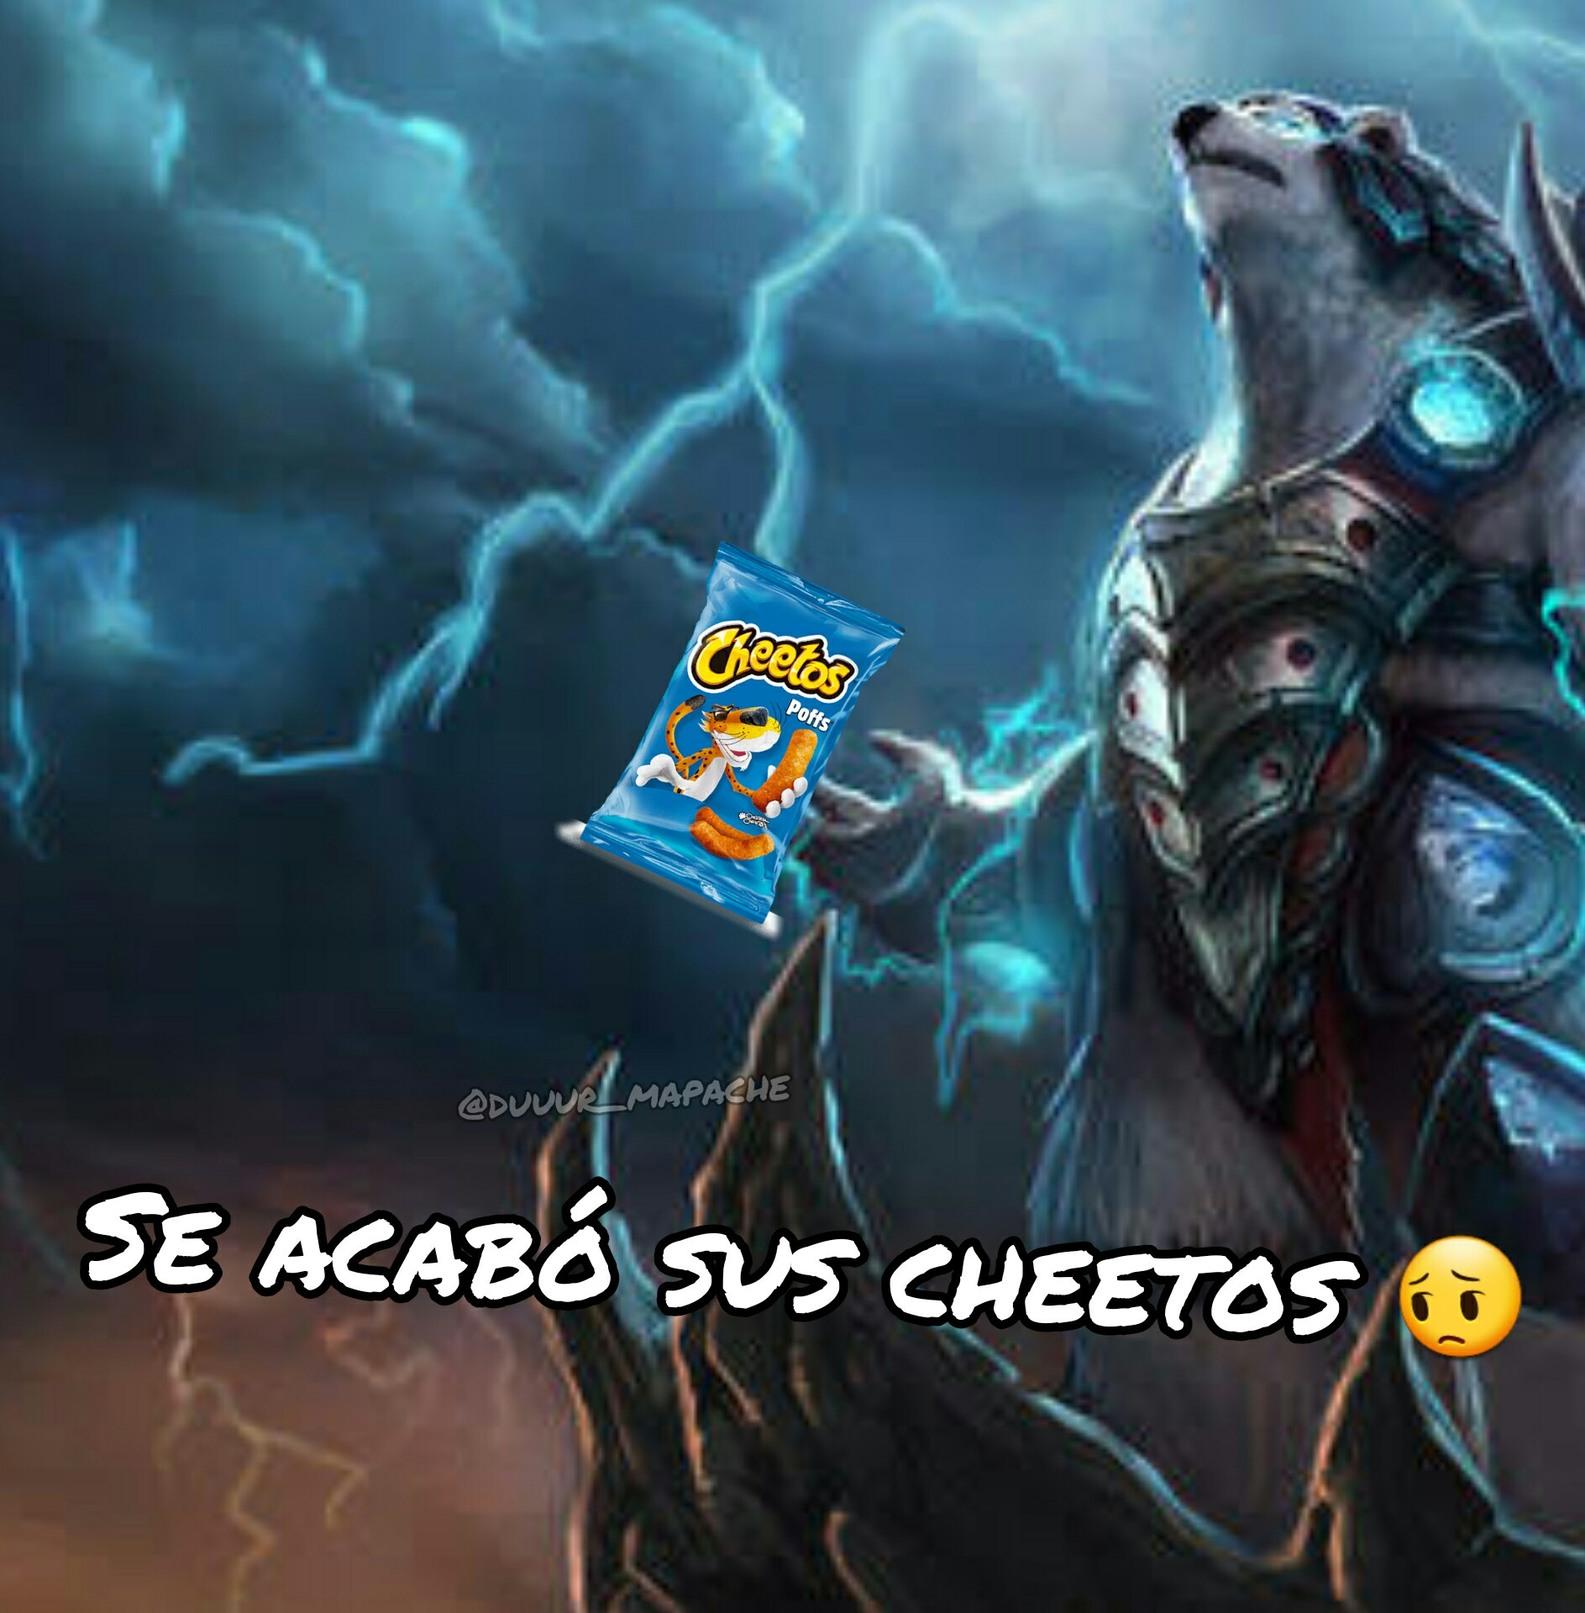 F por sus cheetos by:@duuur_mapache - meme